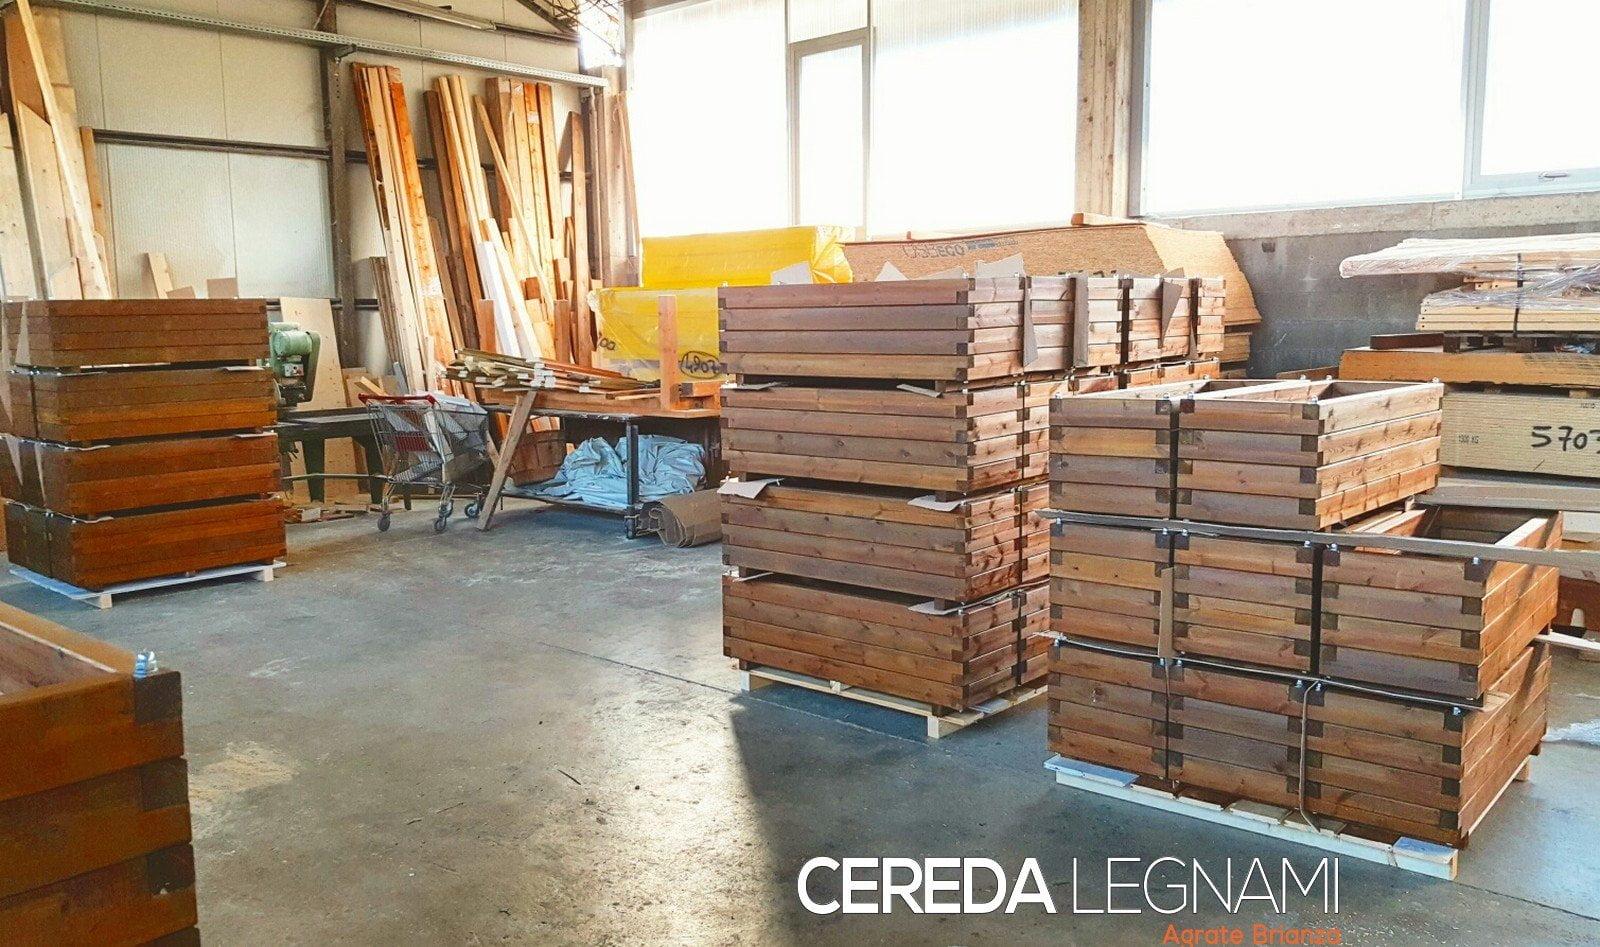 Fioreire legno cereda legnami agrate brianza for Cereda legnami